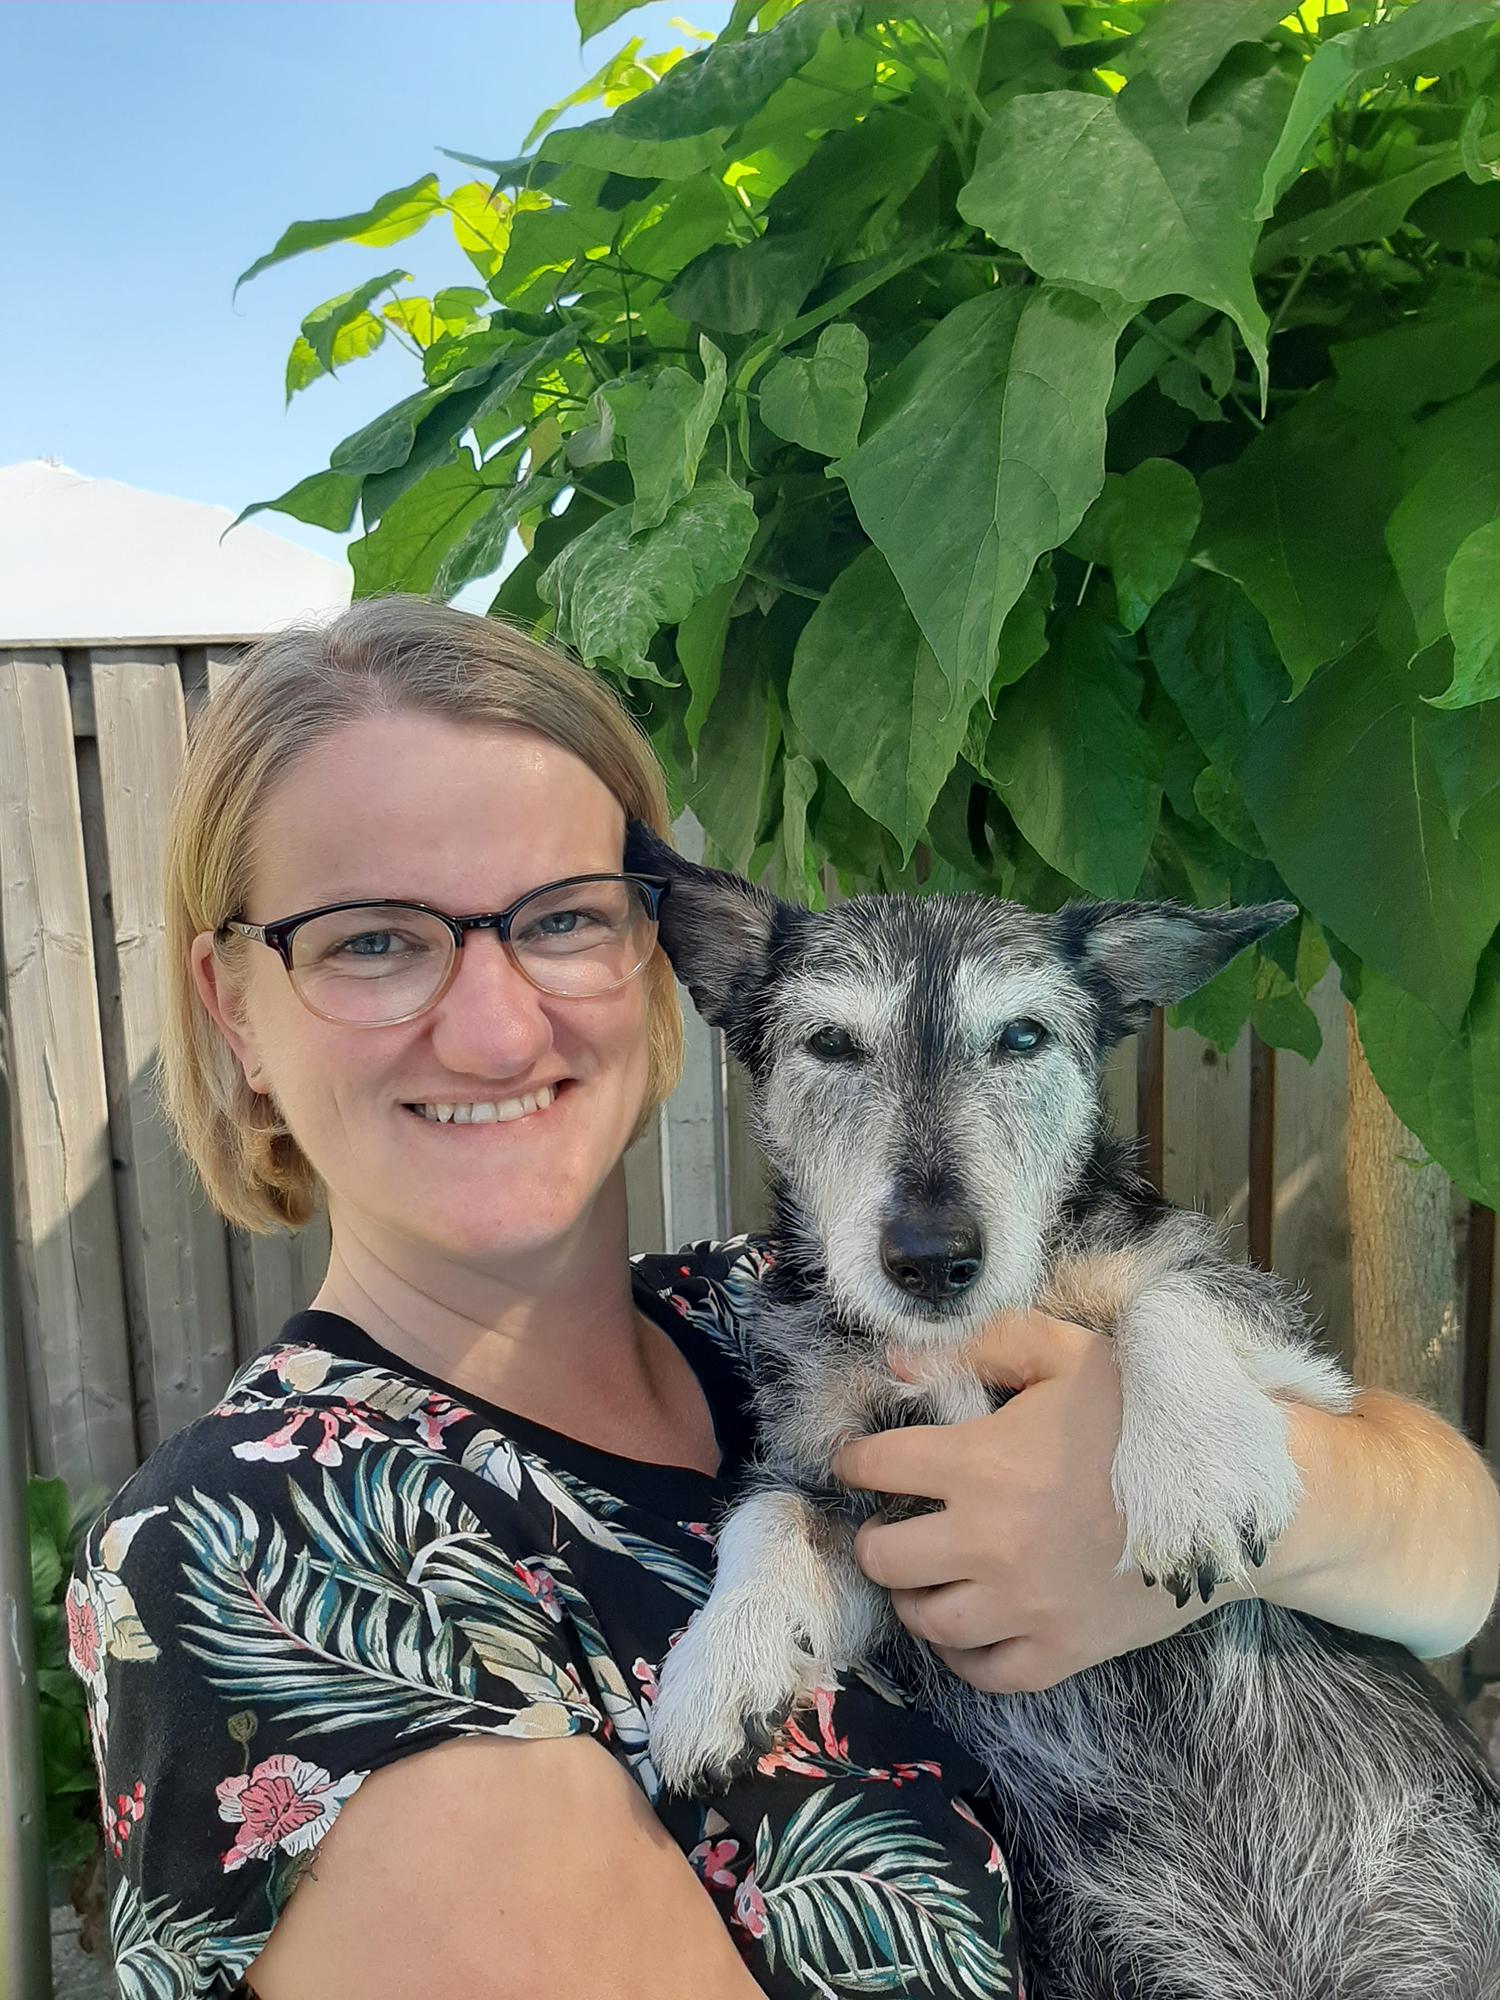 Dierenkliniek Tiel-Drumpt: Eline van Bekkum, paraveterinair bij dierenkliniek Tiel-Drumpt